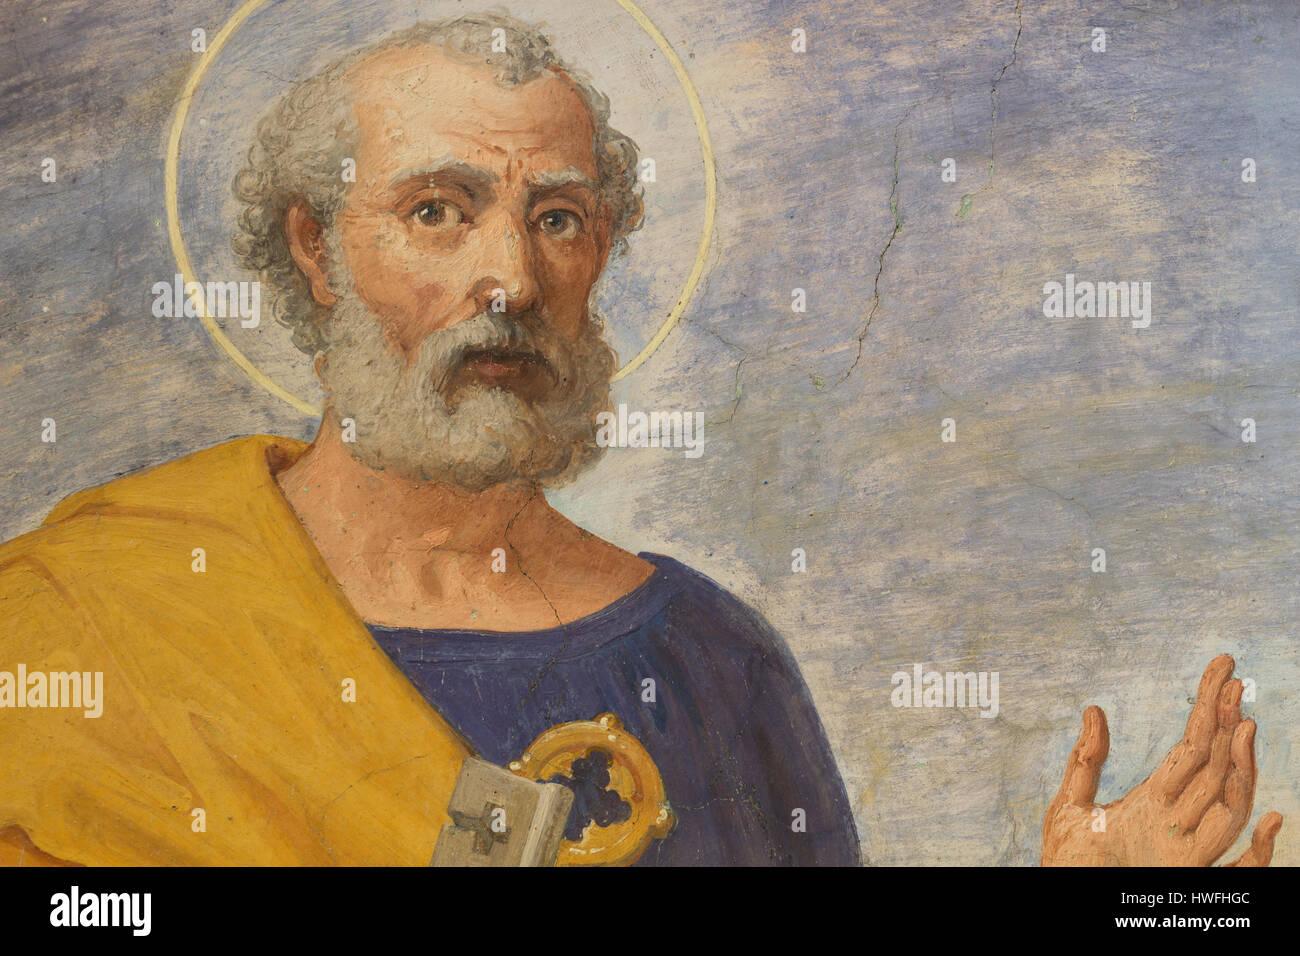 Sankt Peter - Quo Vadis - Rom Stockbild